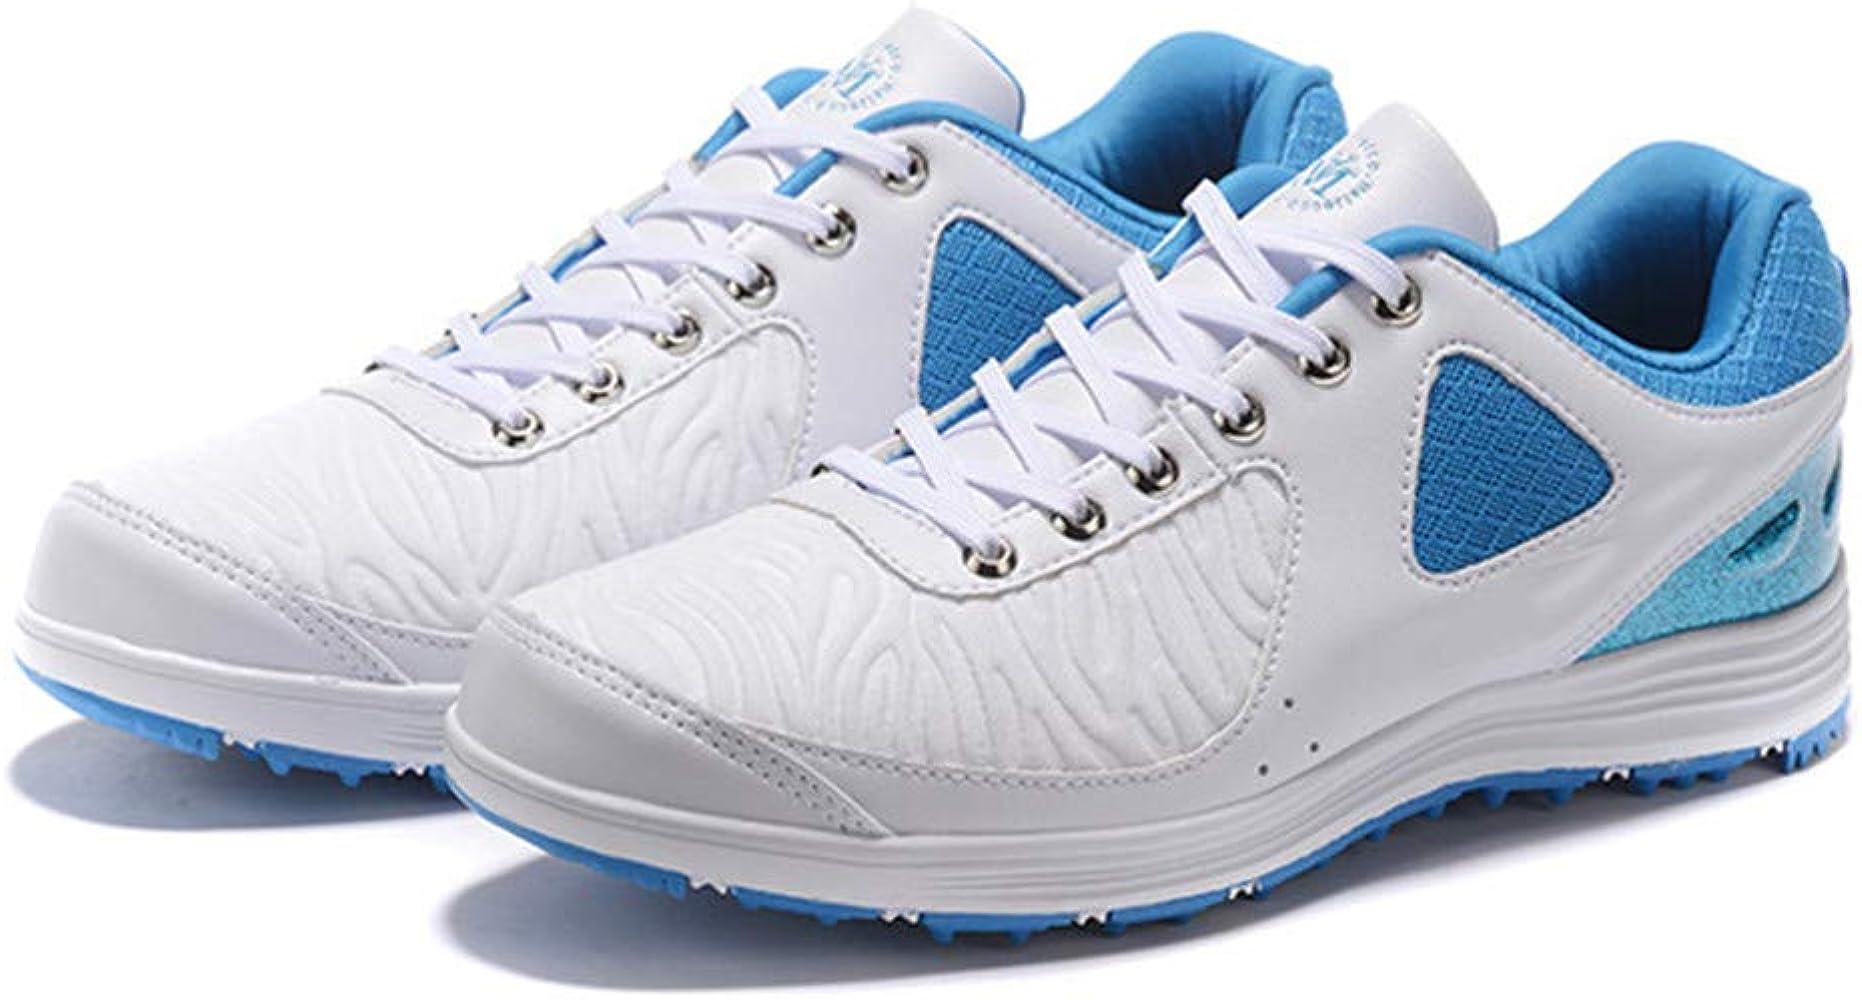 XFQ Zapatos De Golf De Los Hombres, De Peso Ligero Casual Campo De Formadores Impermeable Spikeless Respirable Con Cordones De Las Zapatillas De Deporte Al Aire Libre,Azul,39EU: Amazon.es: Ropa y accesorios